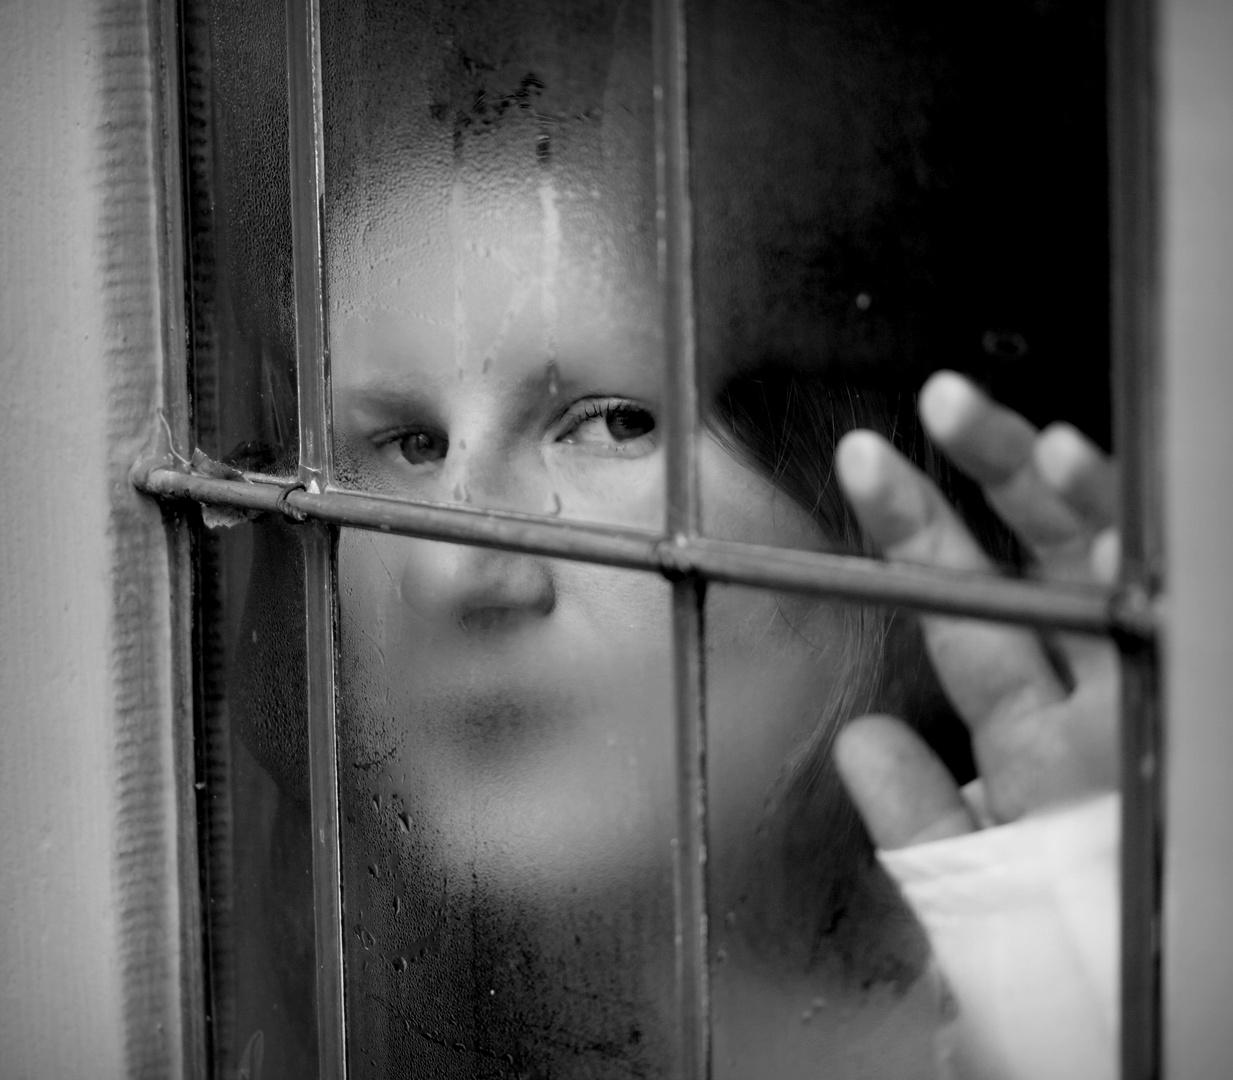 secret window (2)